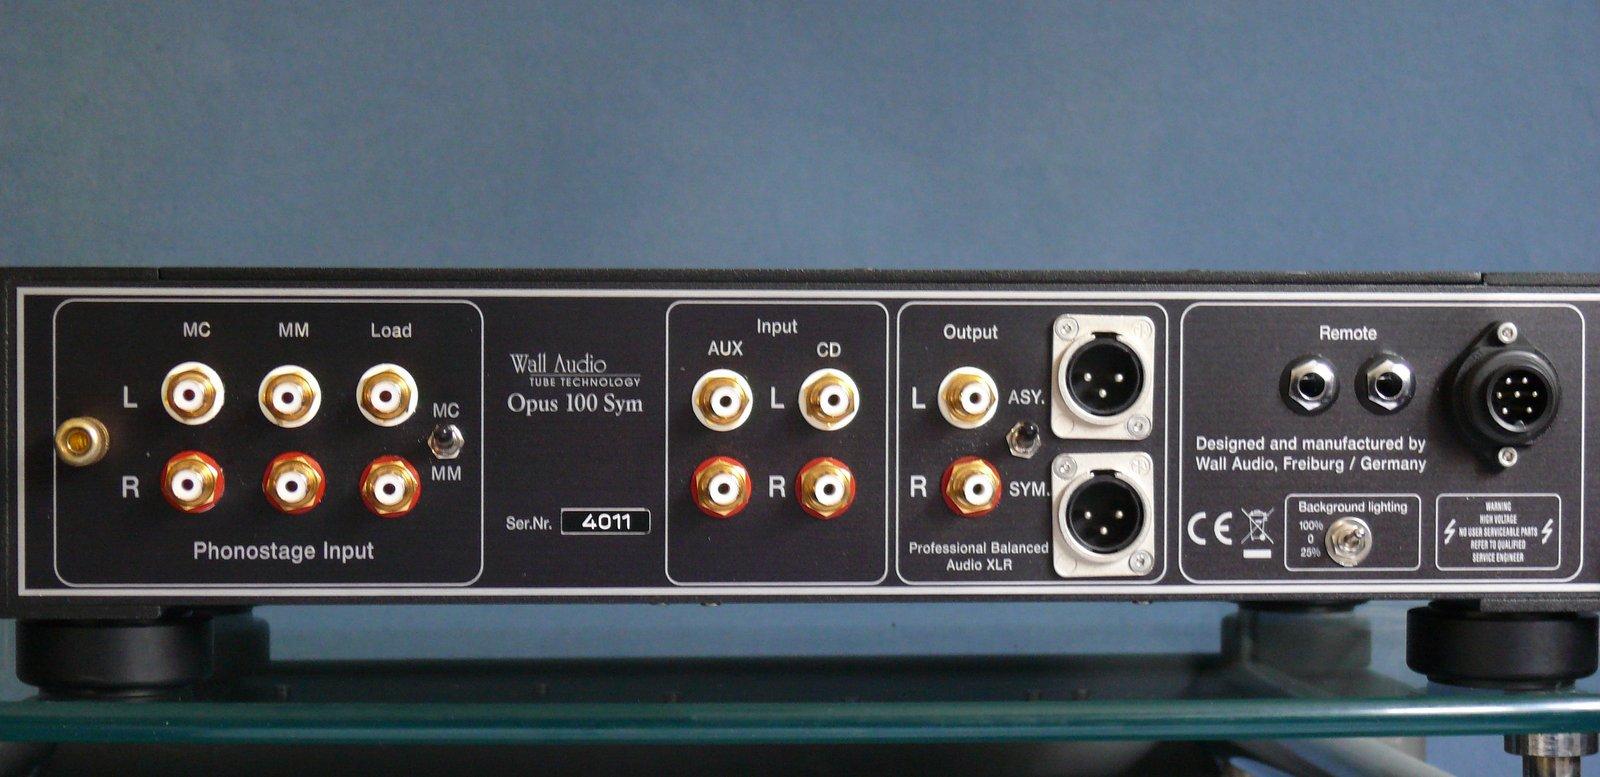 Wall Audio OPUS 100 SYM